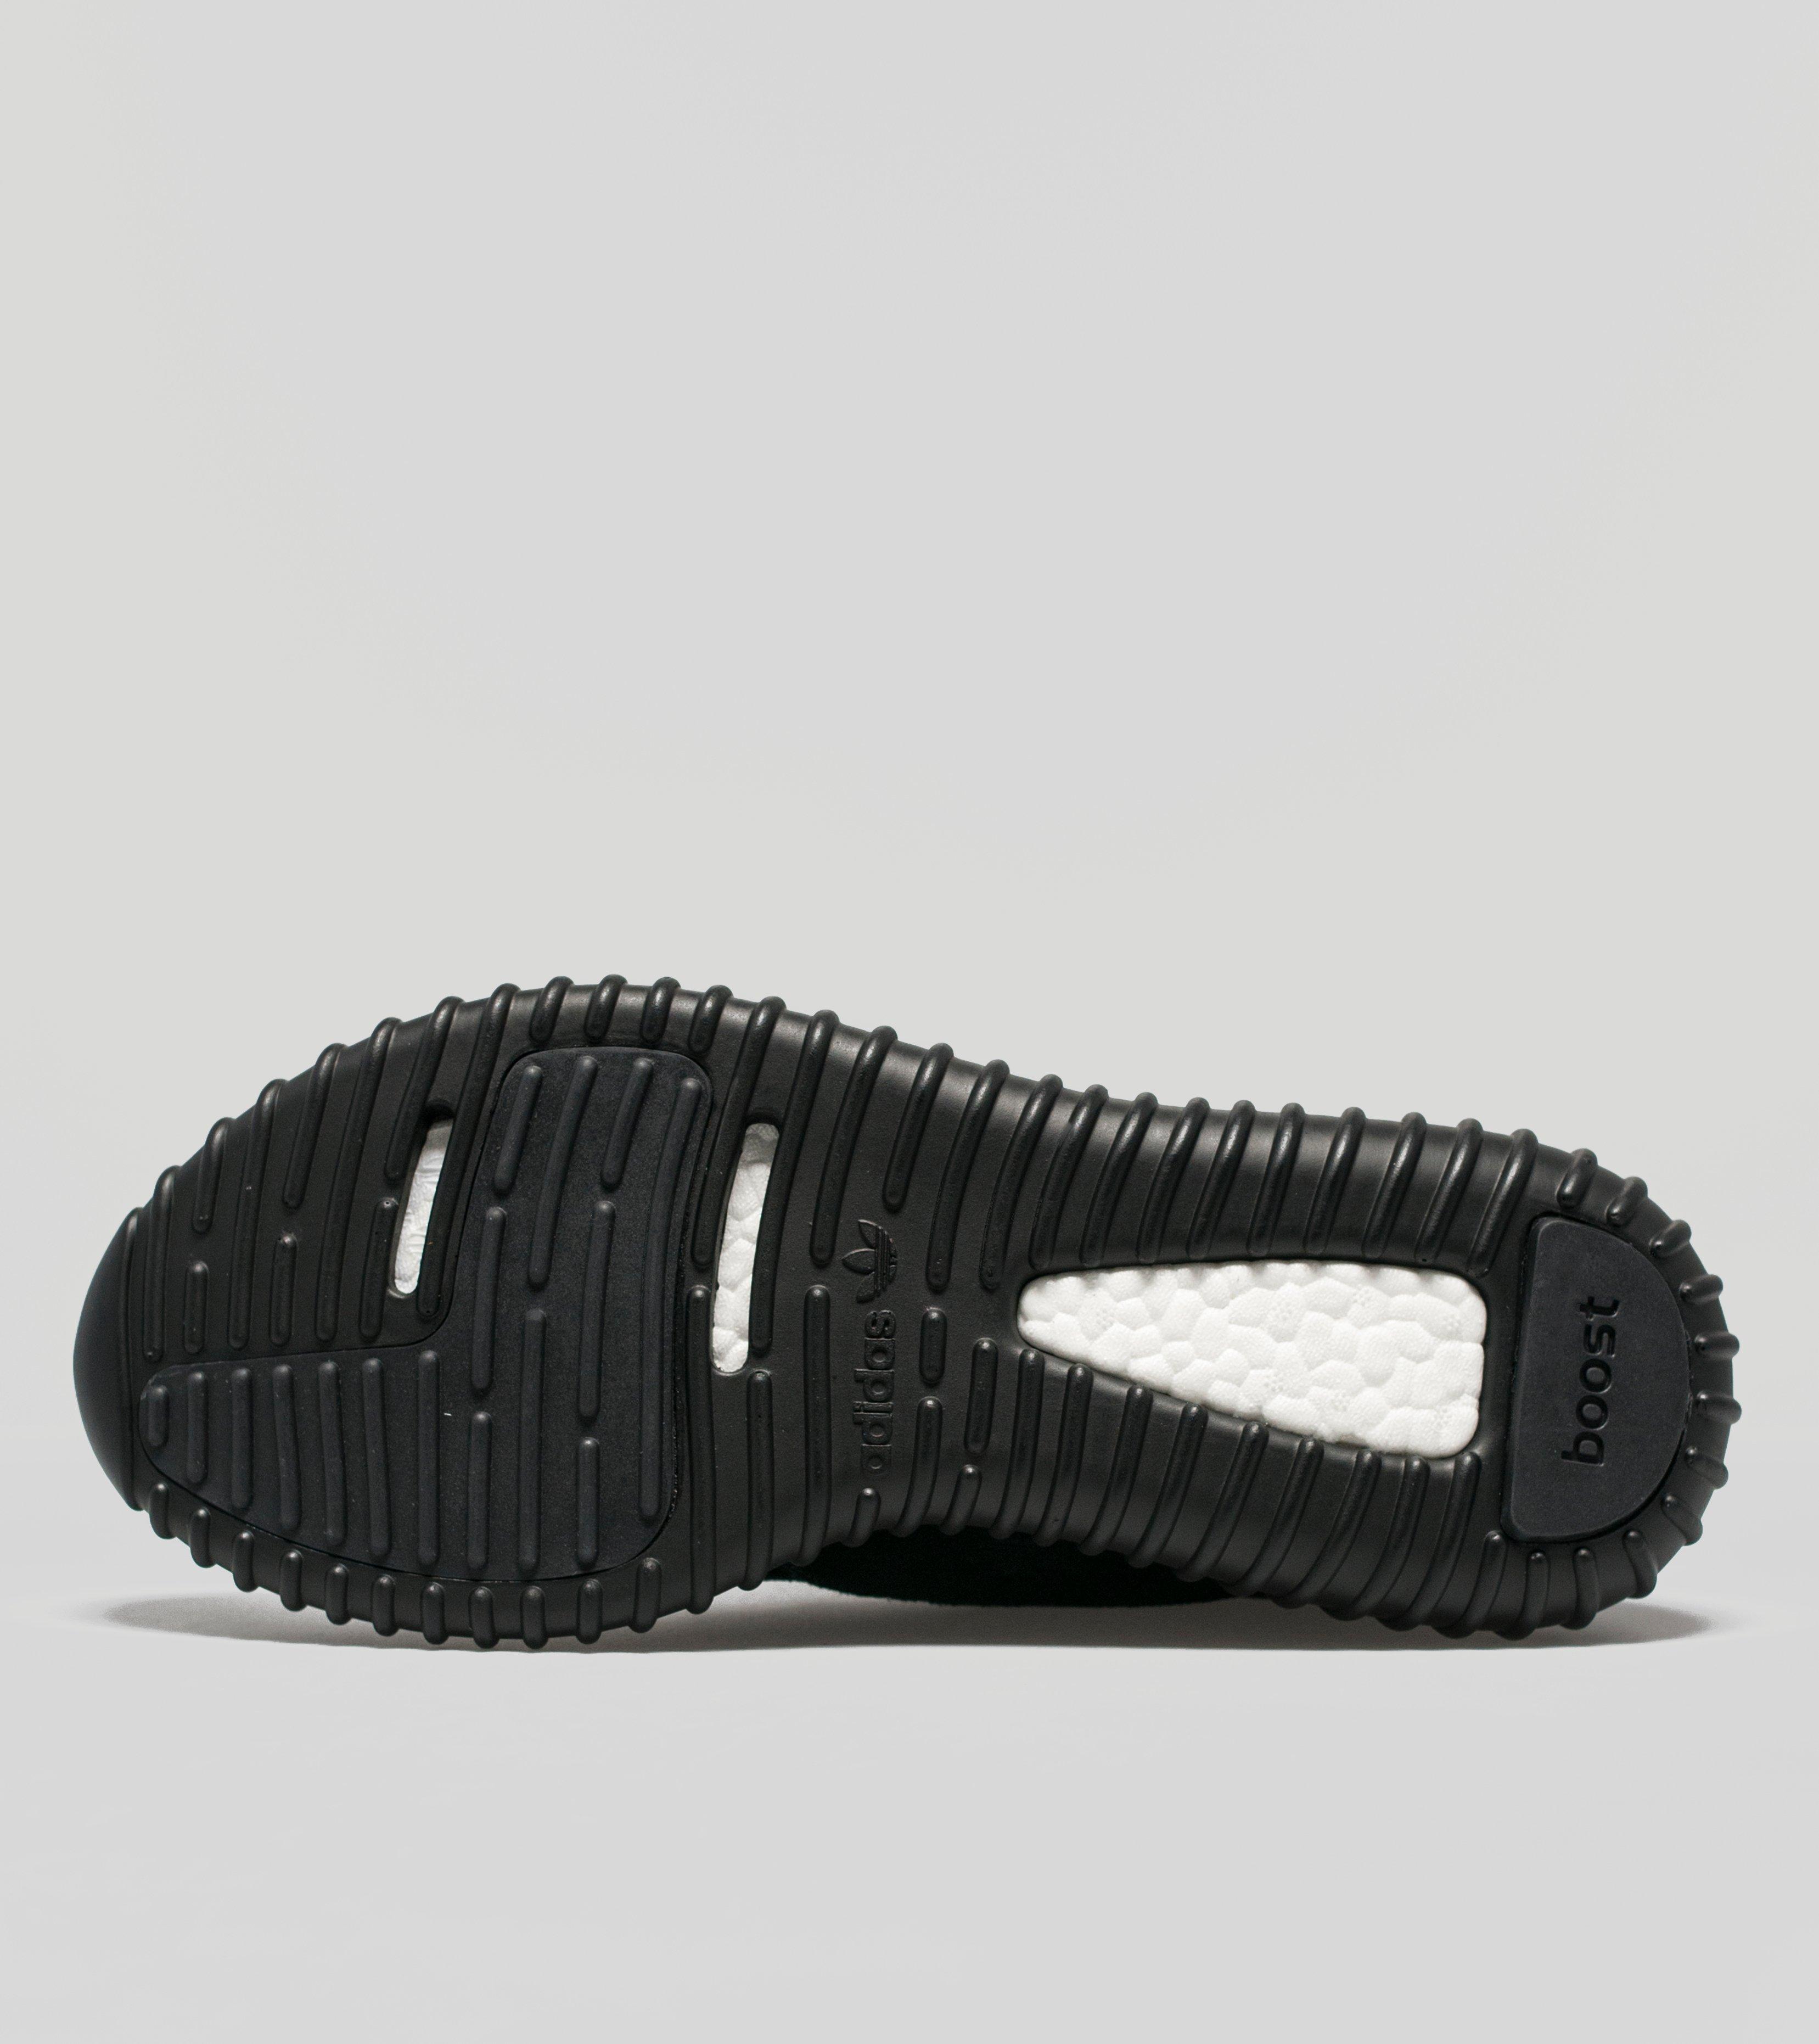 adidas yeezy 750 boost price adidas superstar white black gum